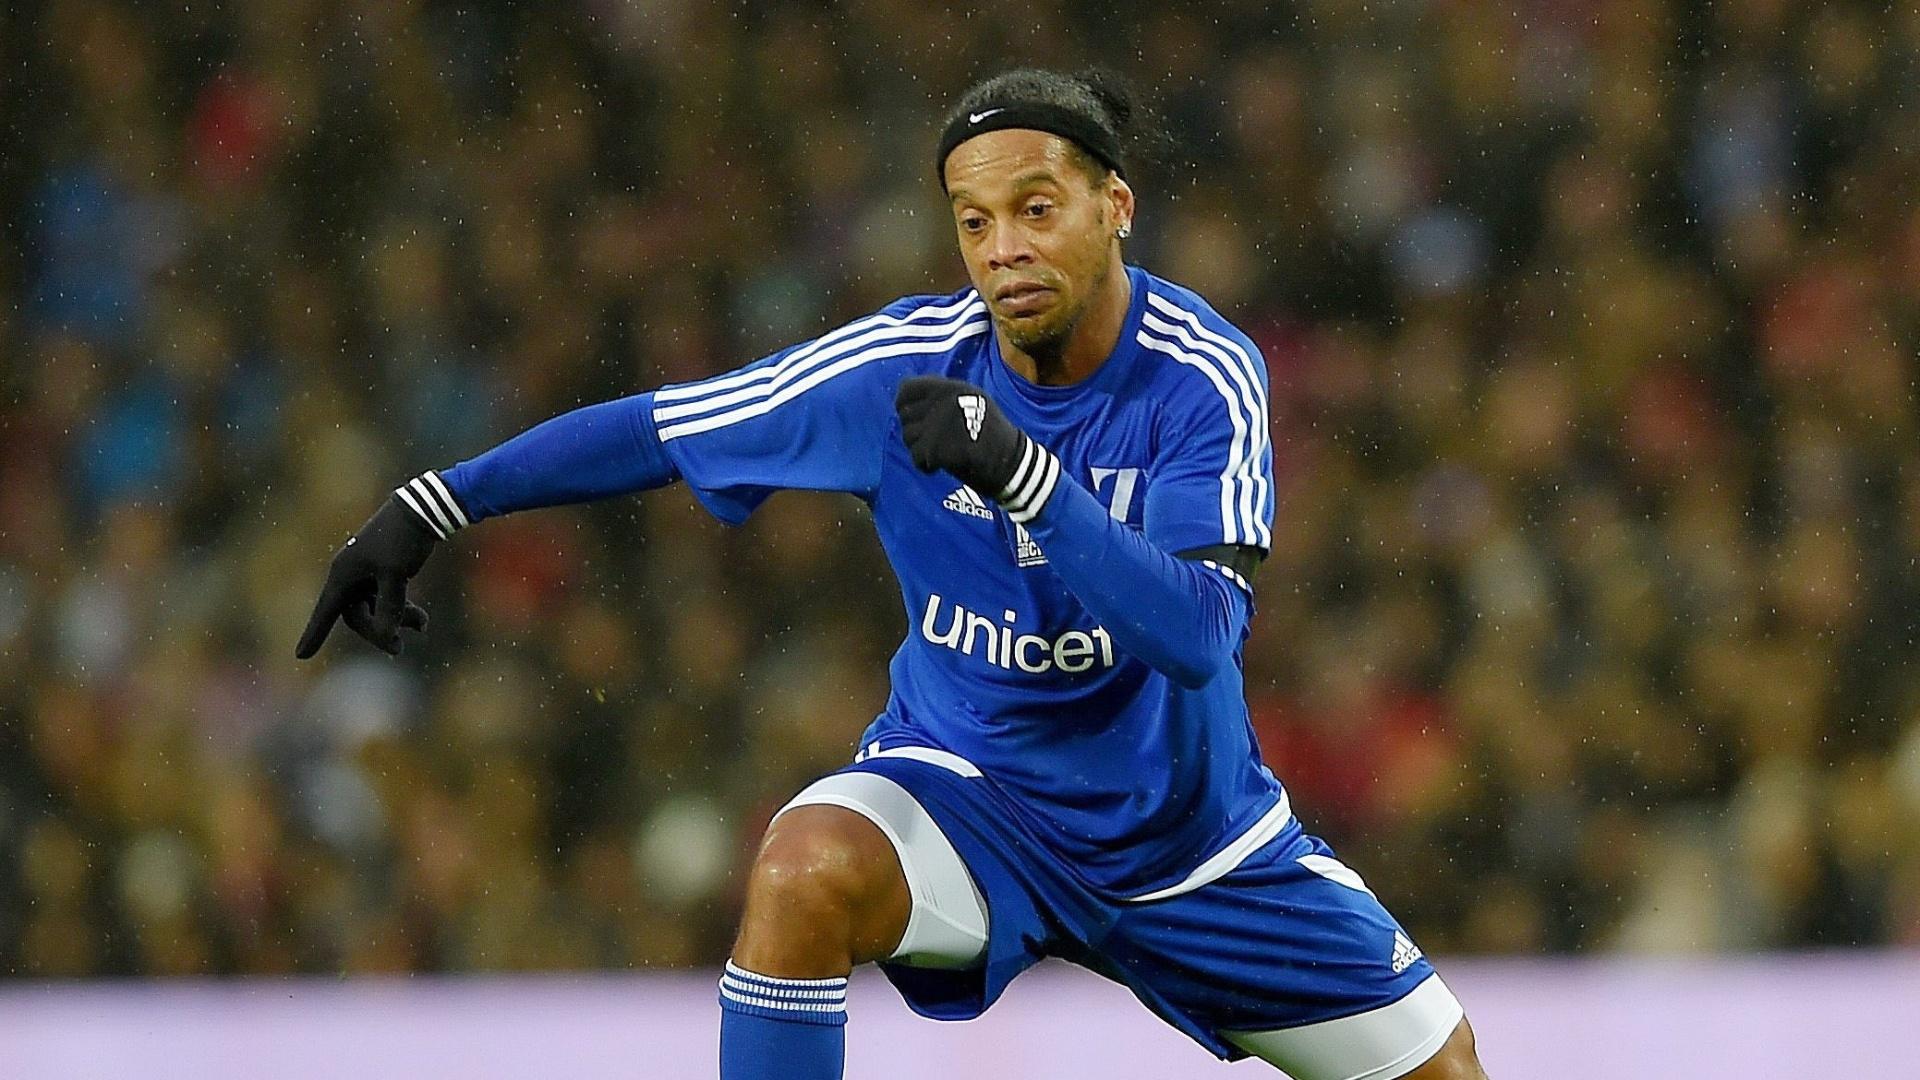 Ronaldinho conduz bola durante jogo organizado por Beckham em Manchester